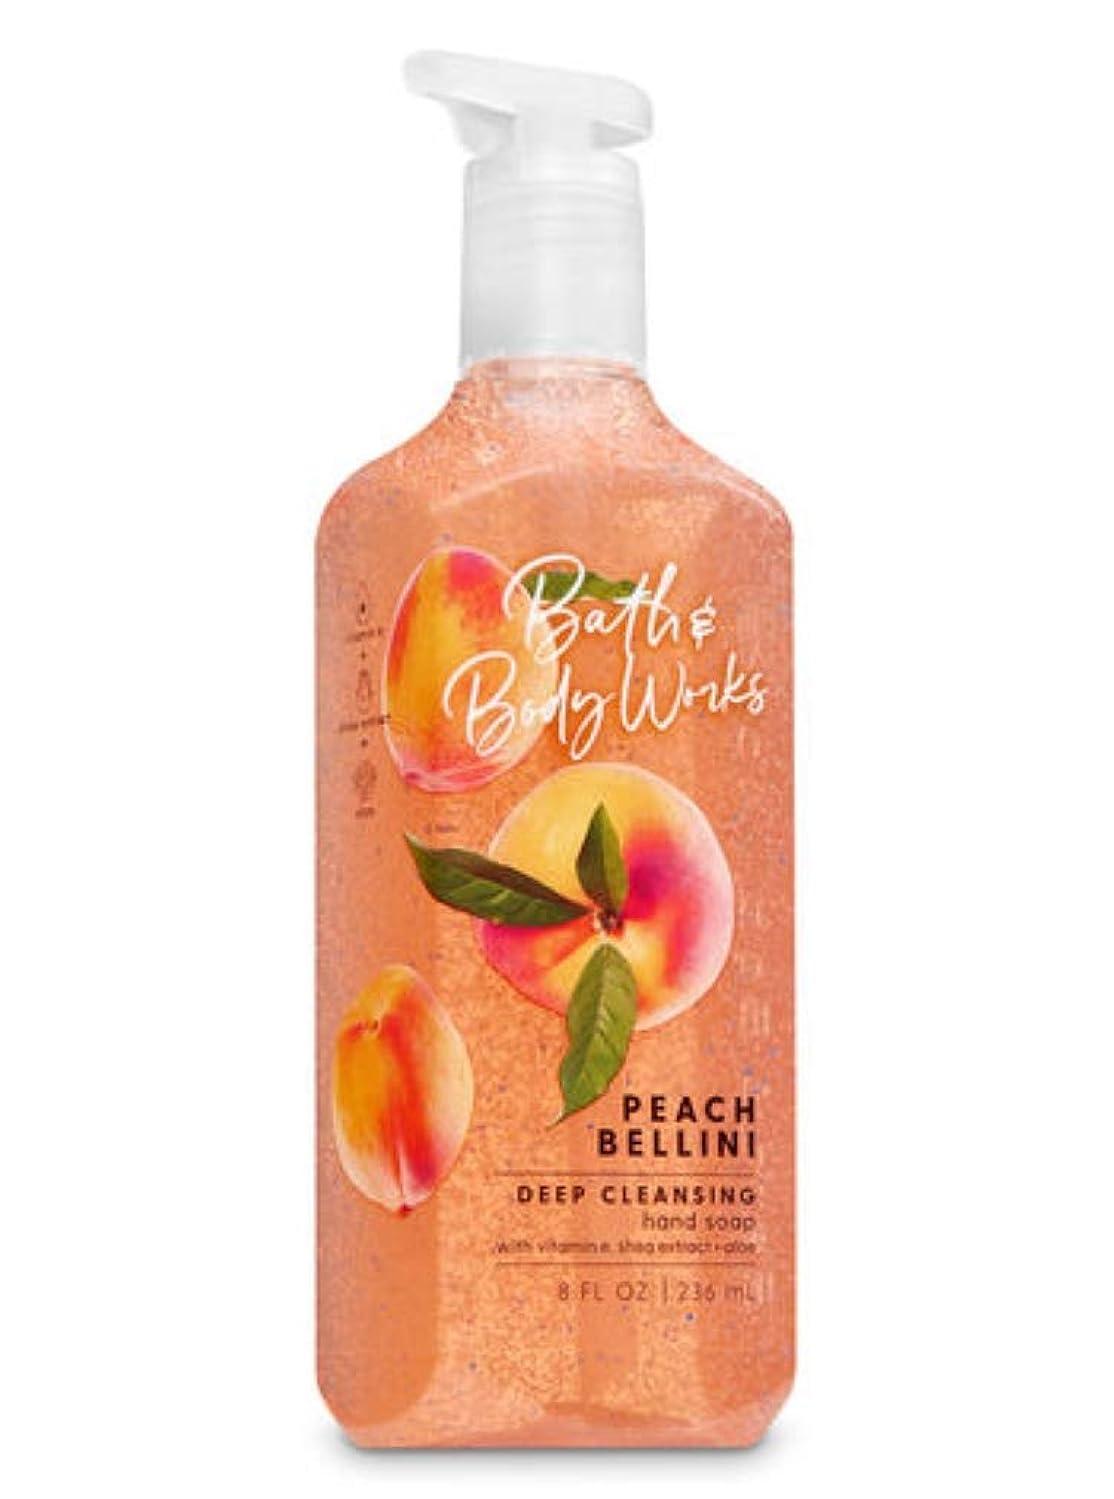 素晴らしいルーチン性的バス&ボディワークス ピーチベリーニ ディープクレンジングハンドソープ Peach Bellini Deep Cleansing Hand Soap